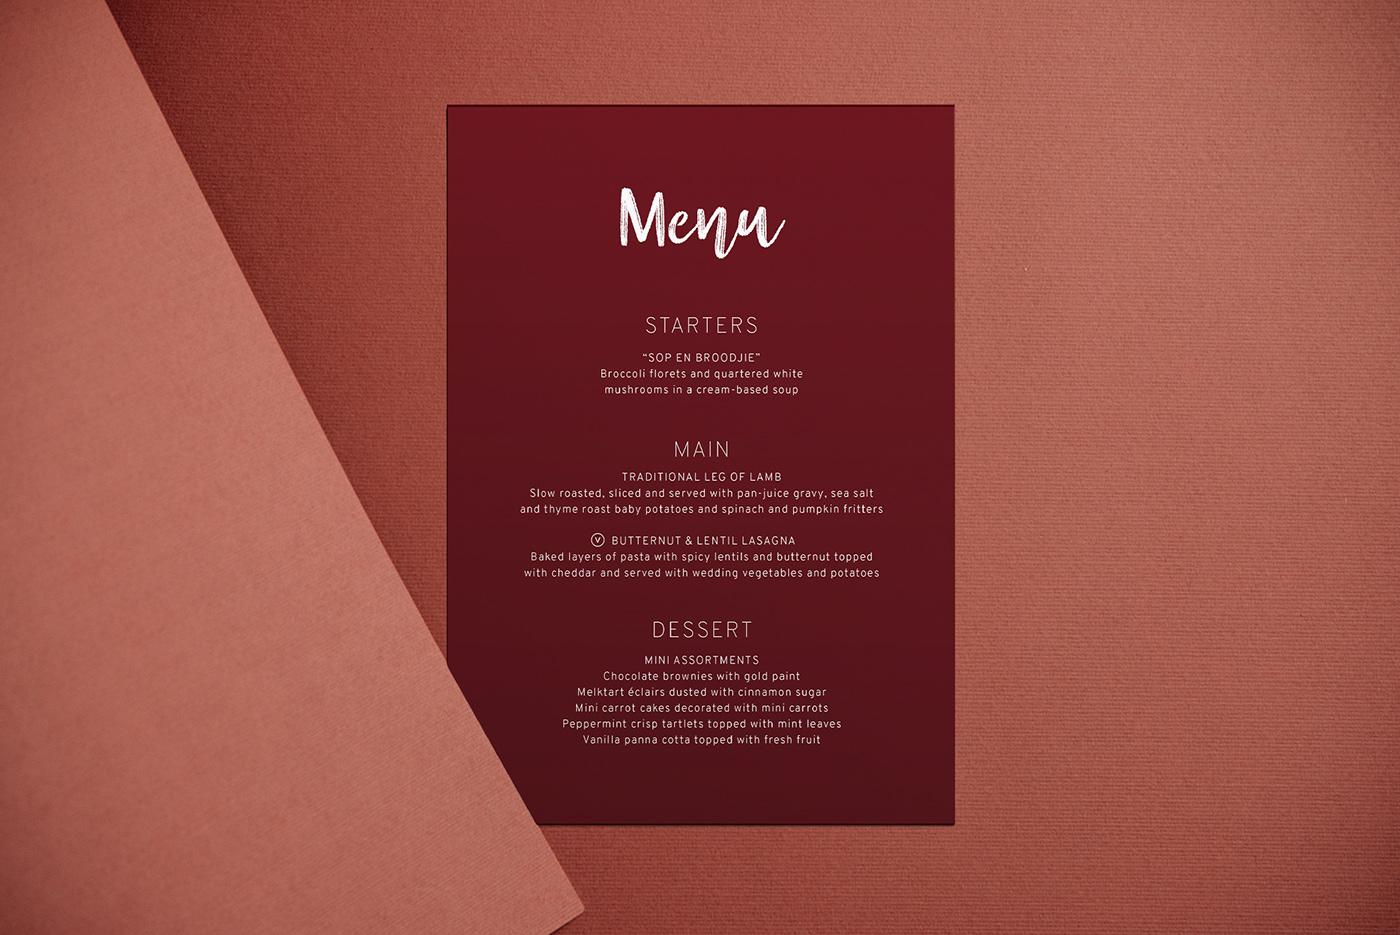 Image may contain: menu, book and screenshot